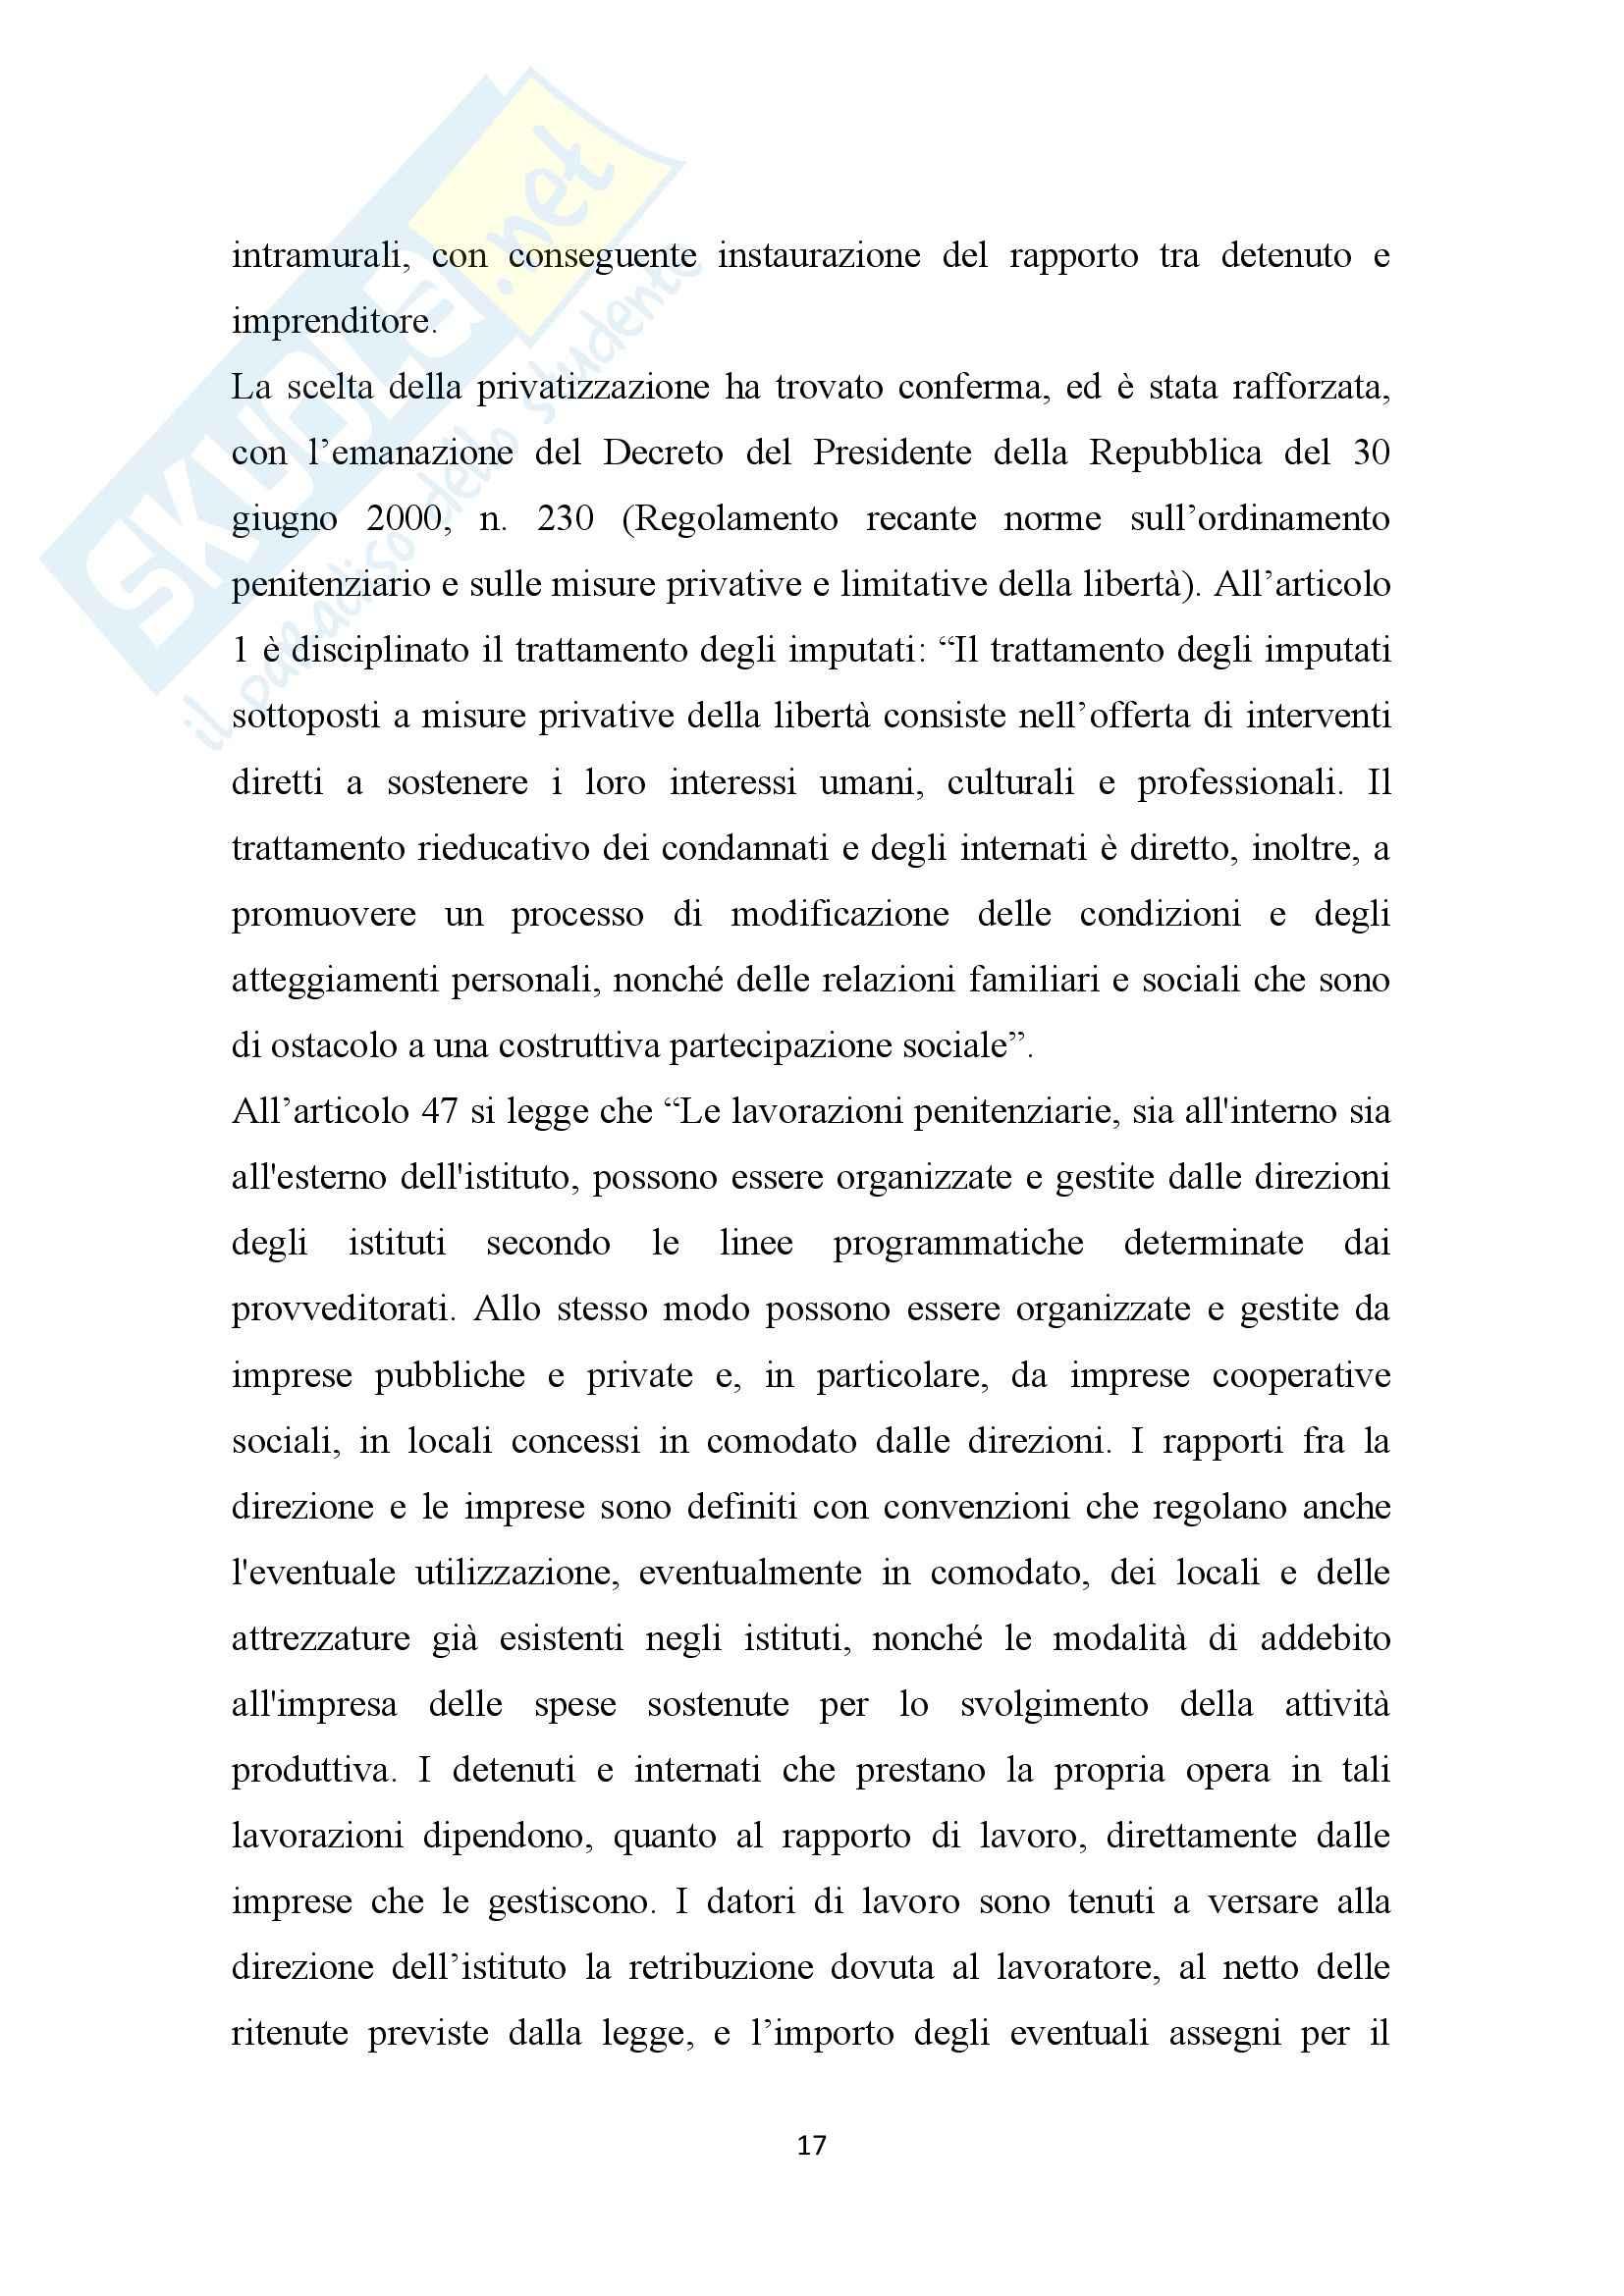 Tesi, Il carcere: luogo di riabilitazione o scuola di criminalità Pag. 21